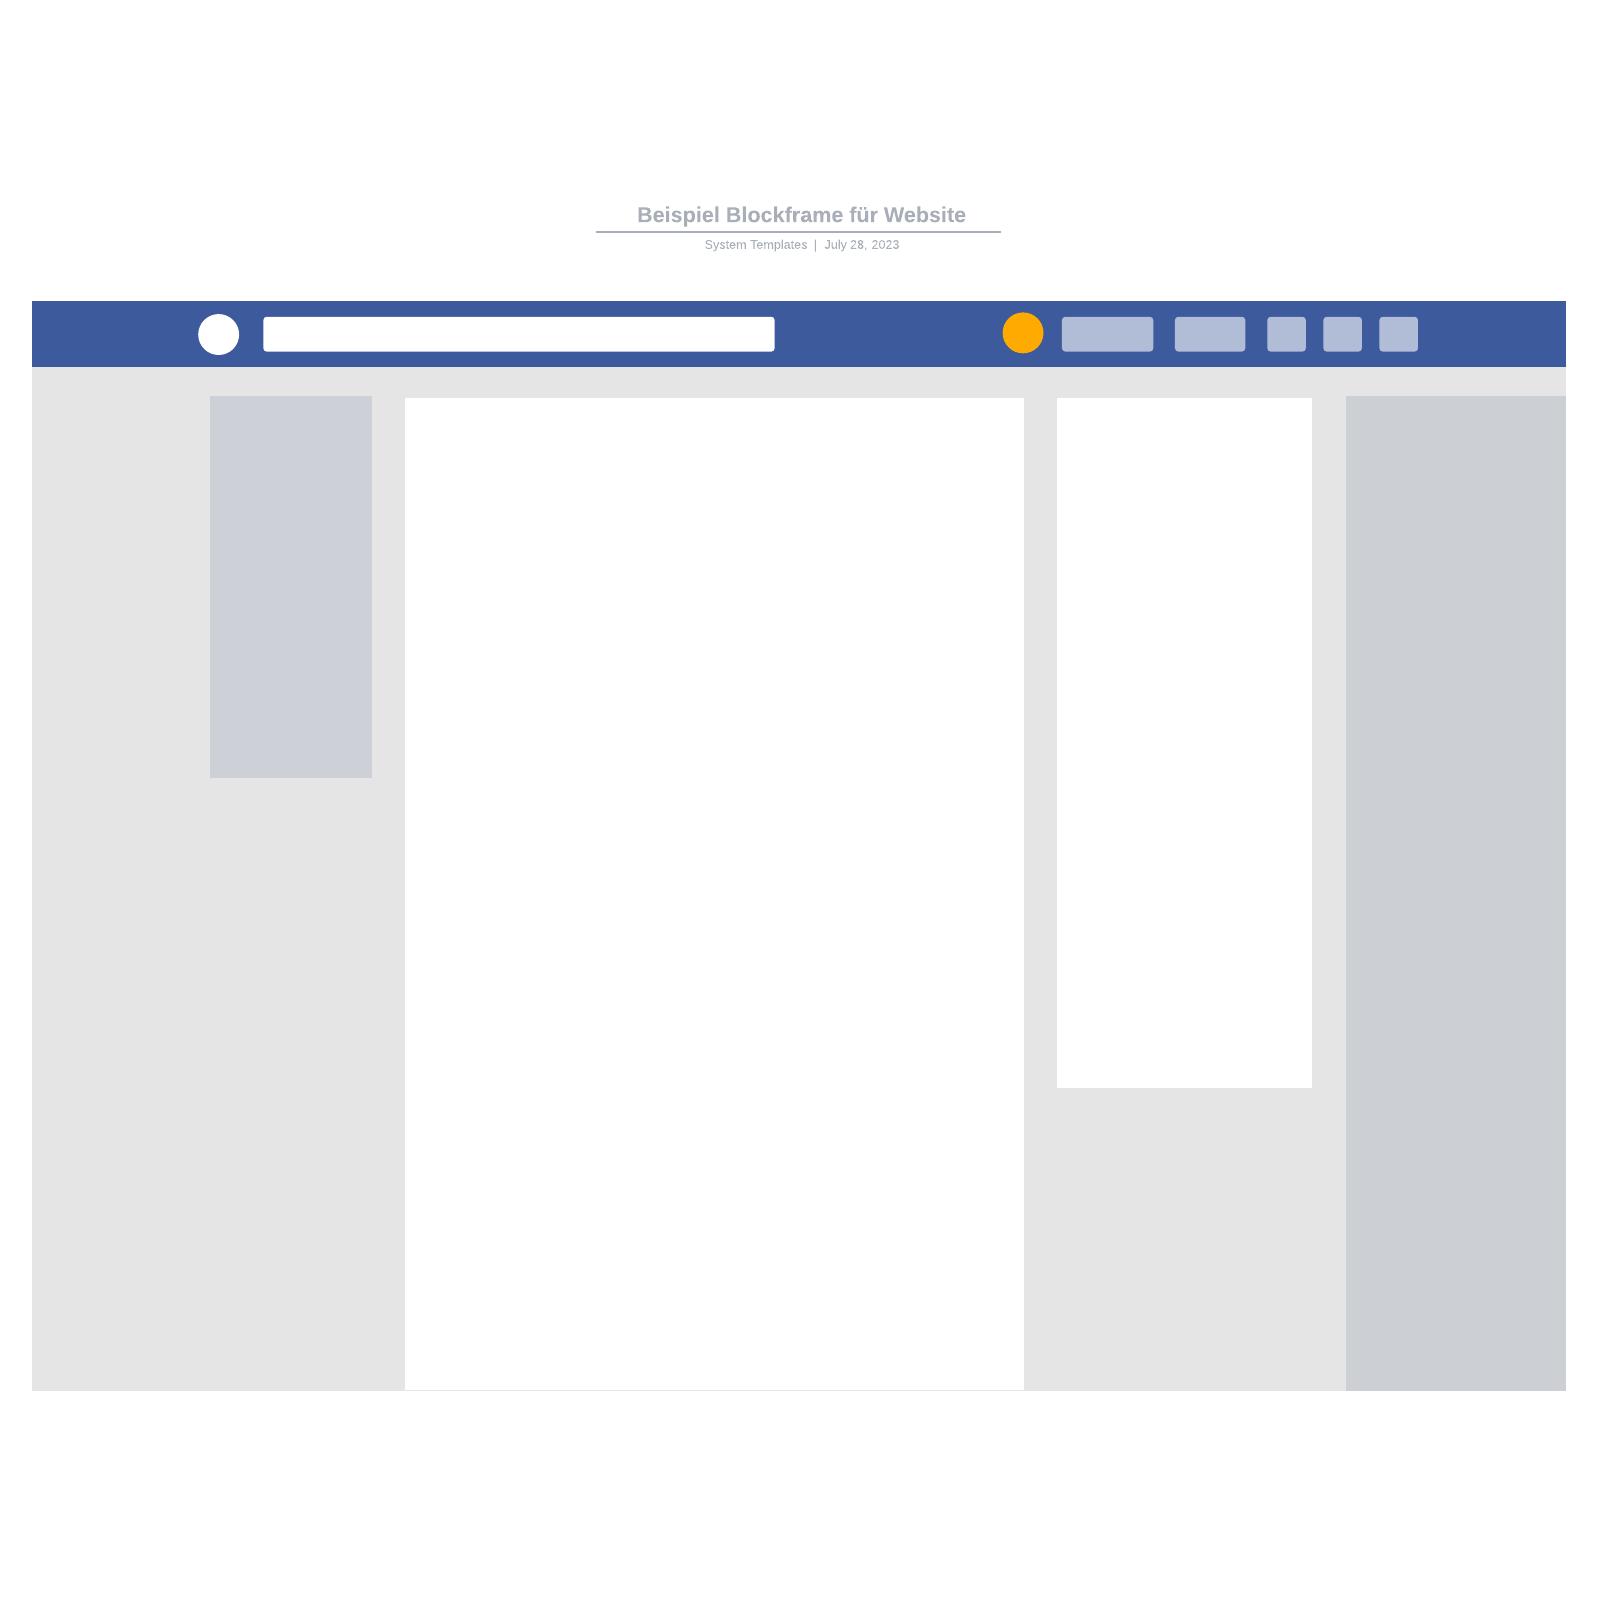 Website Blockframe Beispiel